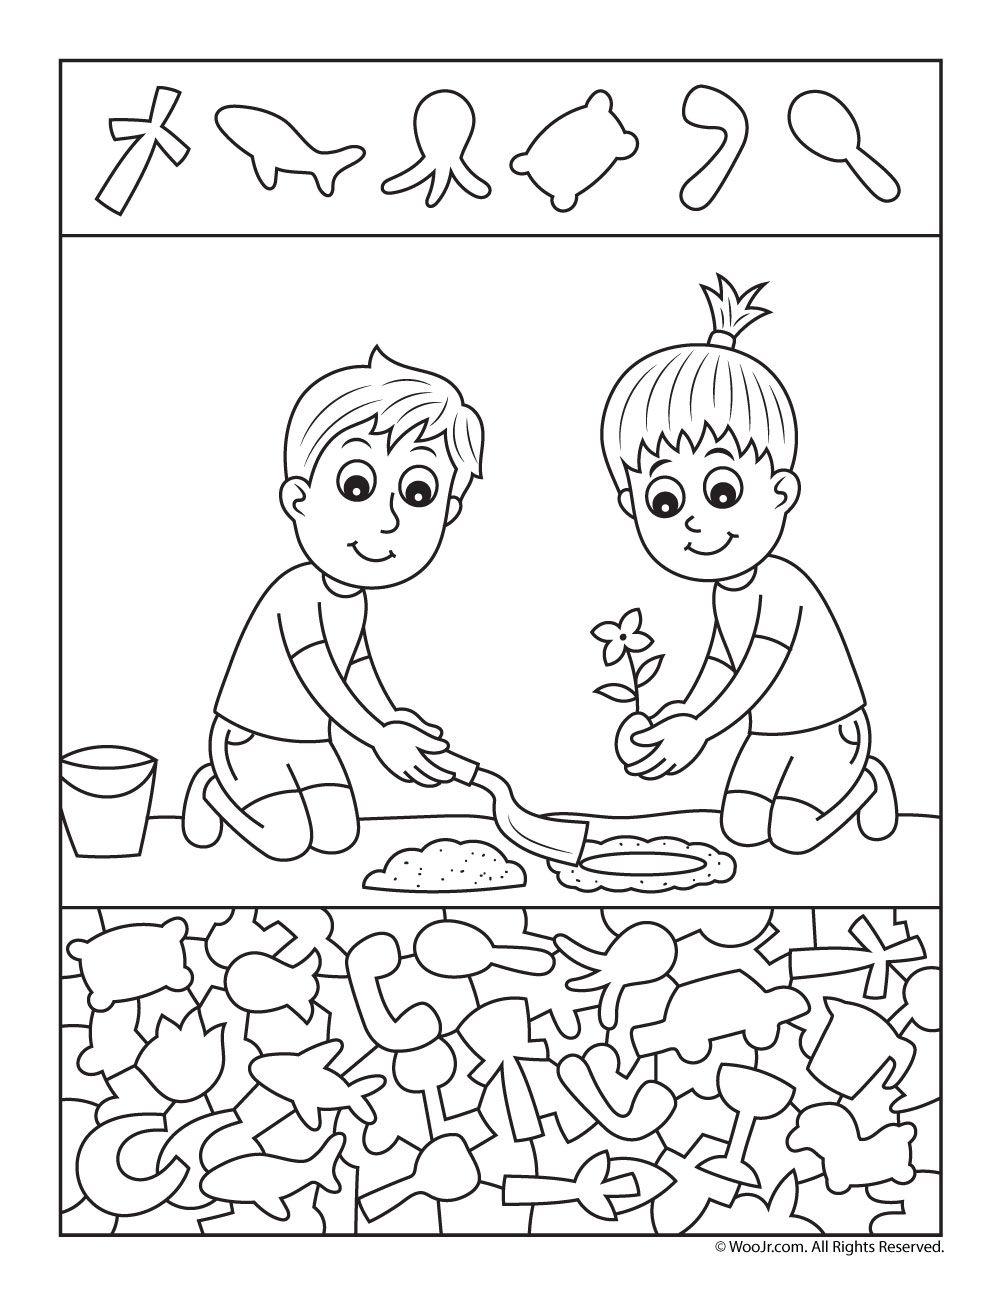 Planting Garden Find The Item Worksheet Woo Jr Kids Activities Hidden Pictures Hidden Pictures Printables Fun Worksheets For Kids [ 1296 x 1000 Pixel ]